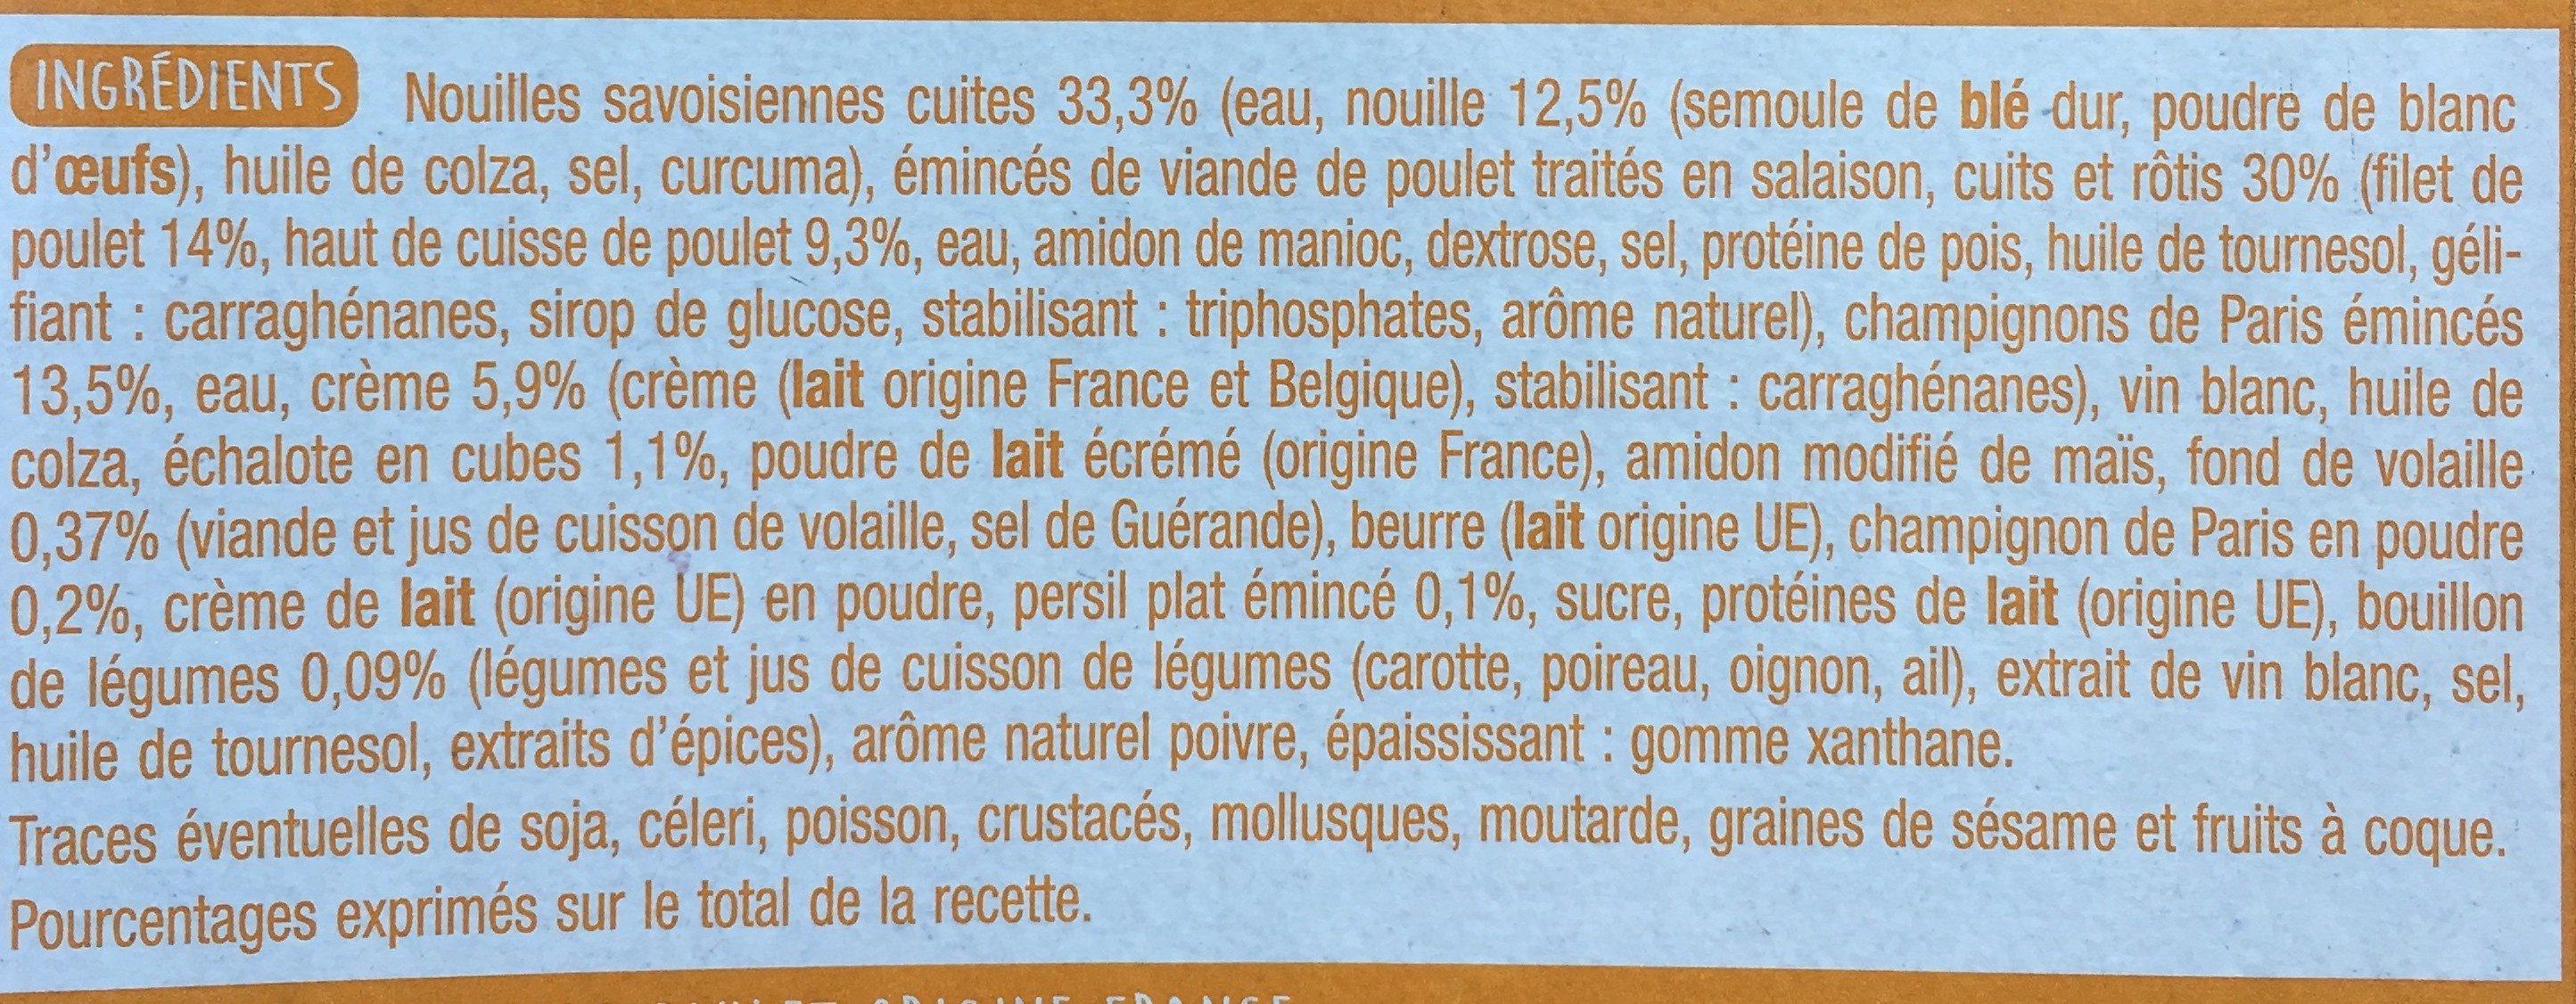 Pâtes Poulet champignons - Ingrédients